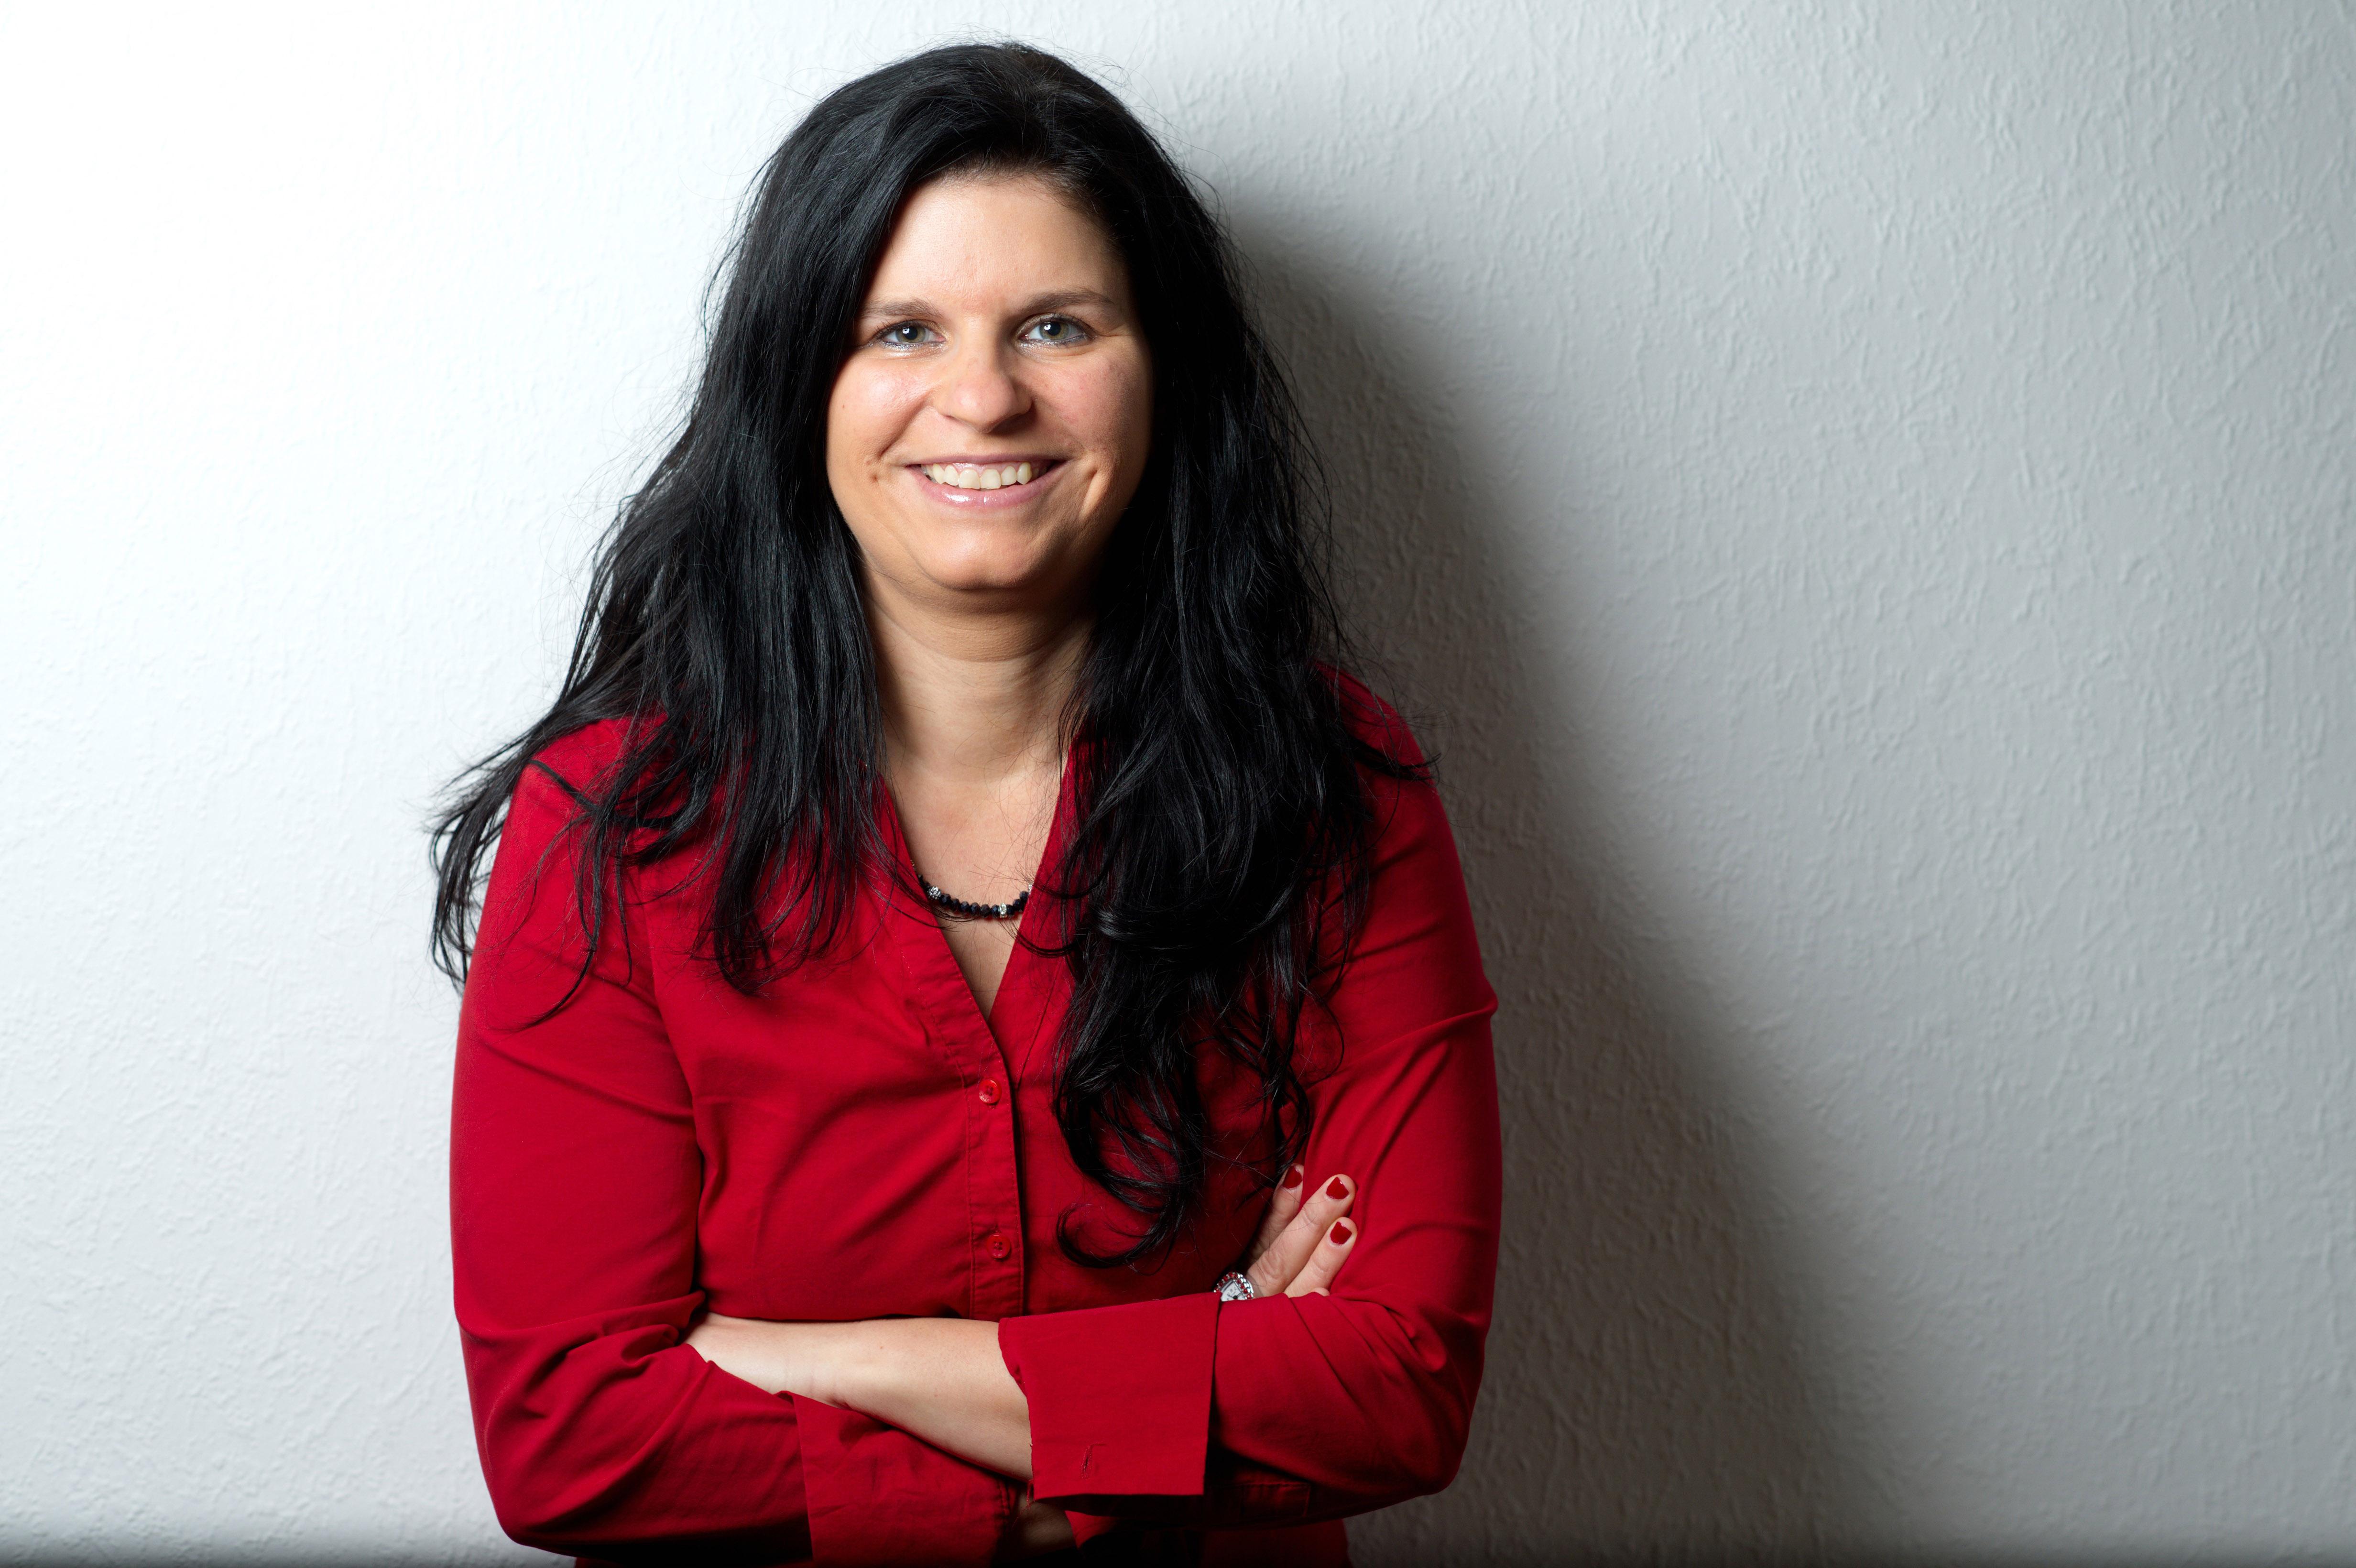 Tina Schöpfer